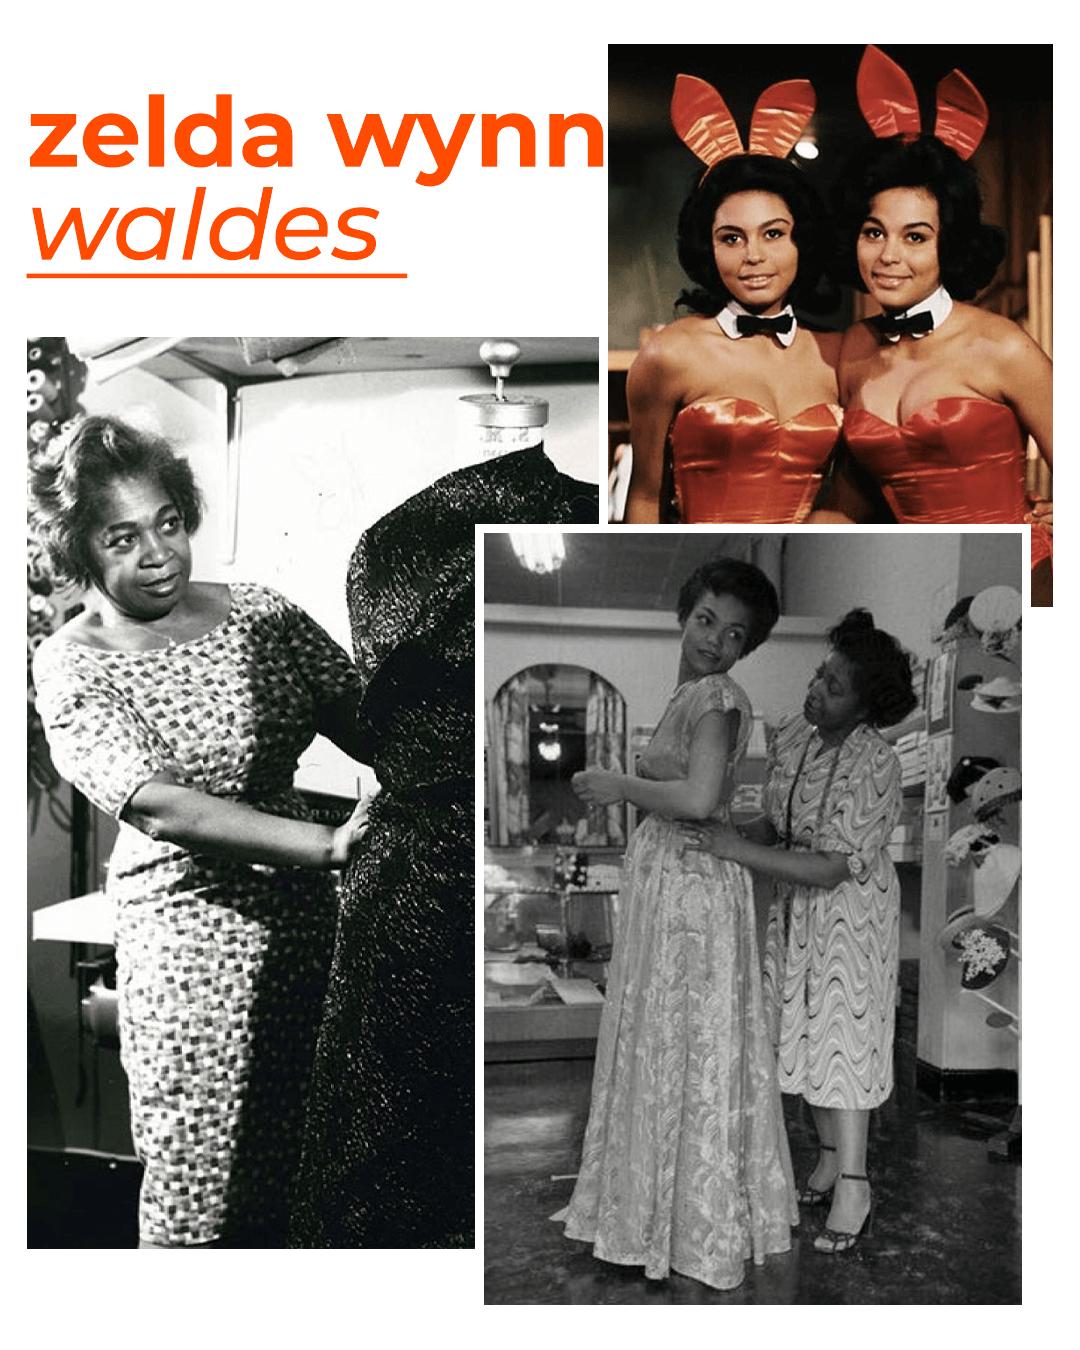 Zelda Wynn Waldes - mulheres que revolucionaram a moda - dia internacional da mulher - outono - street style - https://stealthelook.com.br